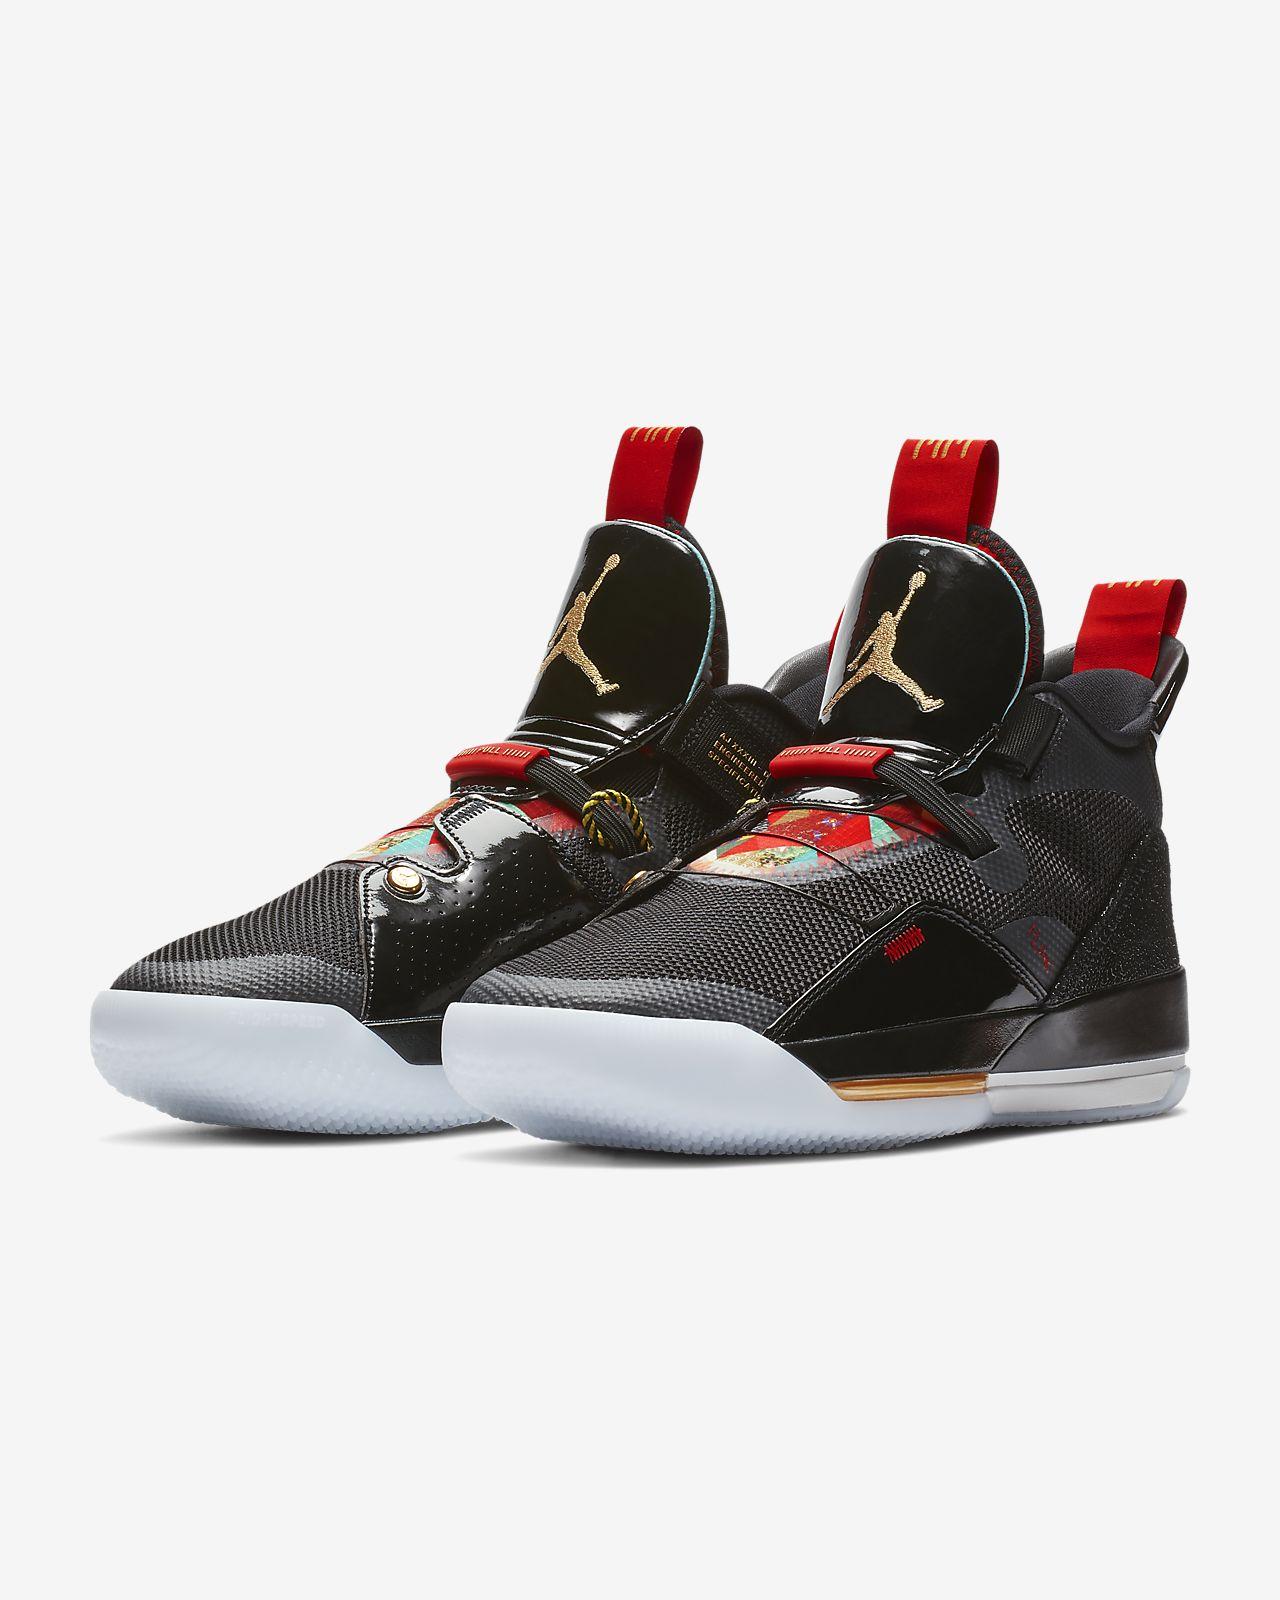 e0147fefda08 Air Jordan XXXIII Men s Basketball Shoe. Nike.com